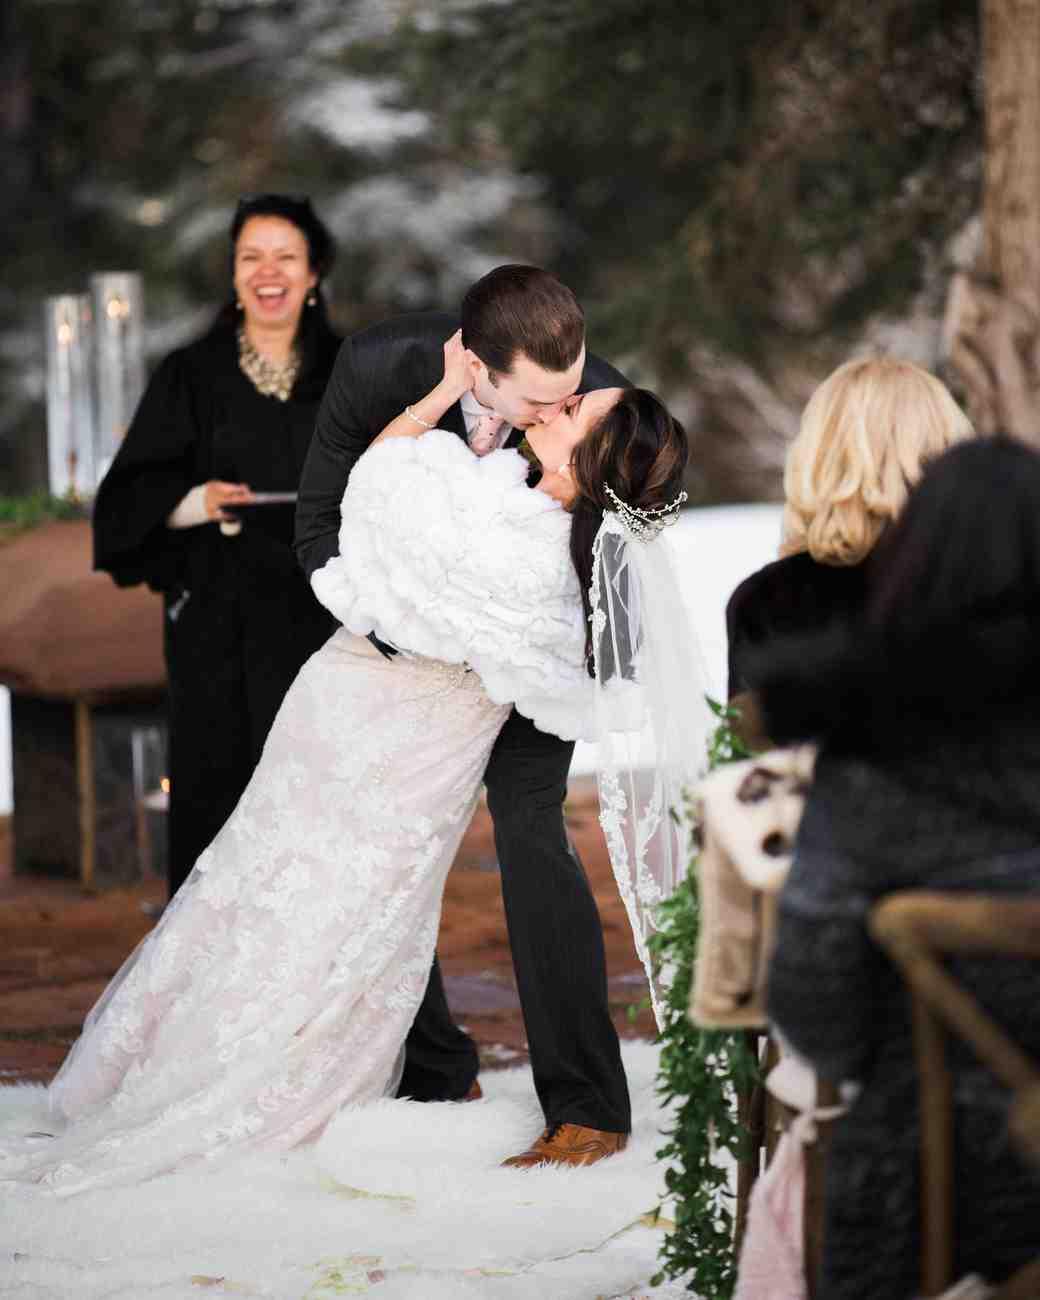 meshach-warren-wedding-kiss-0498-6134942-0716.jpg